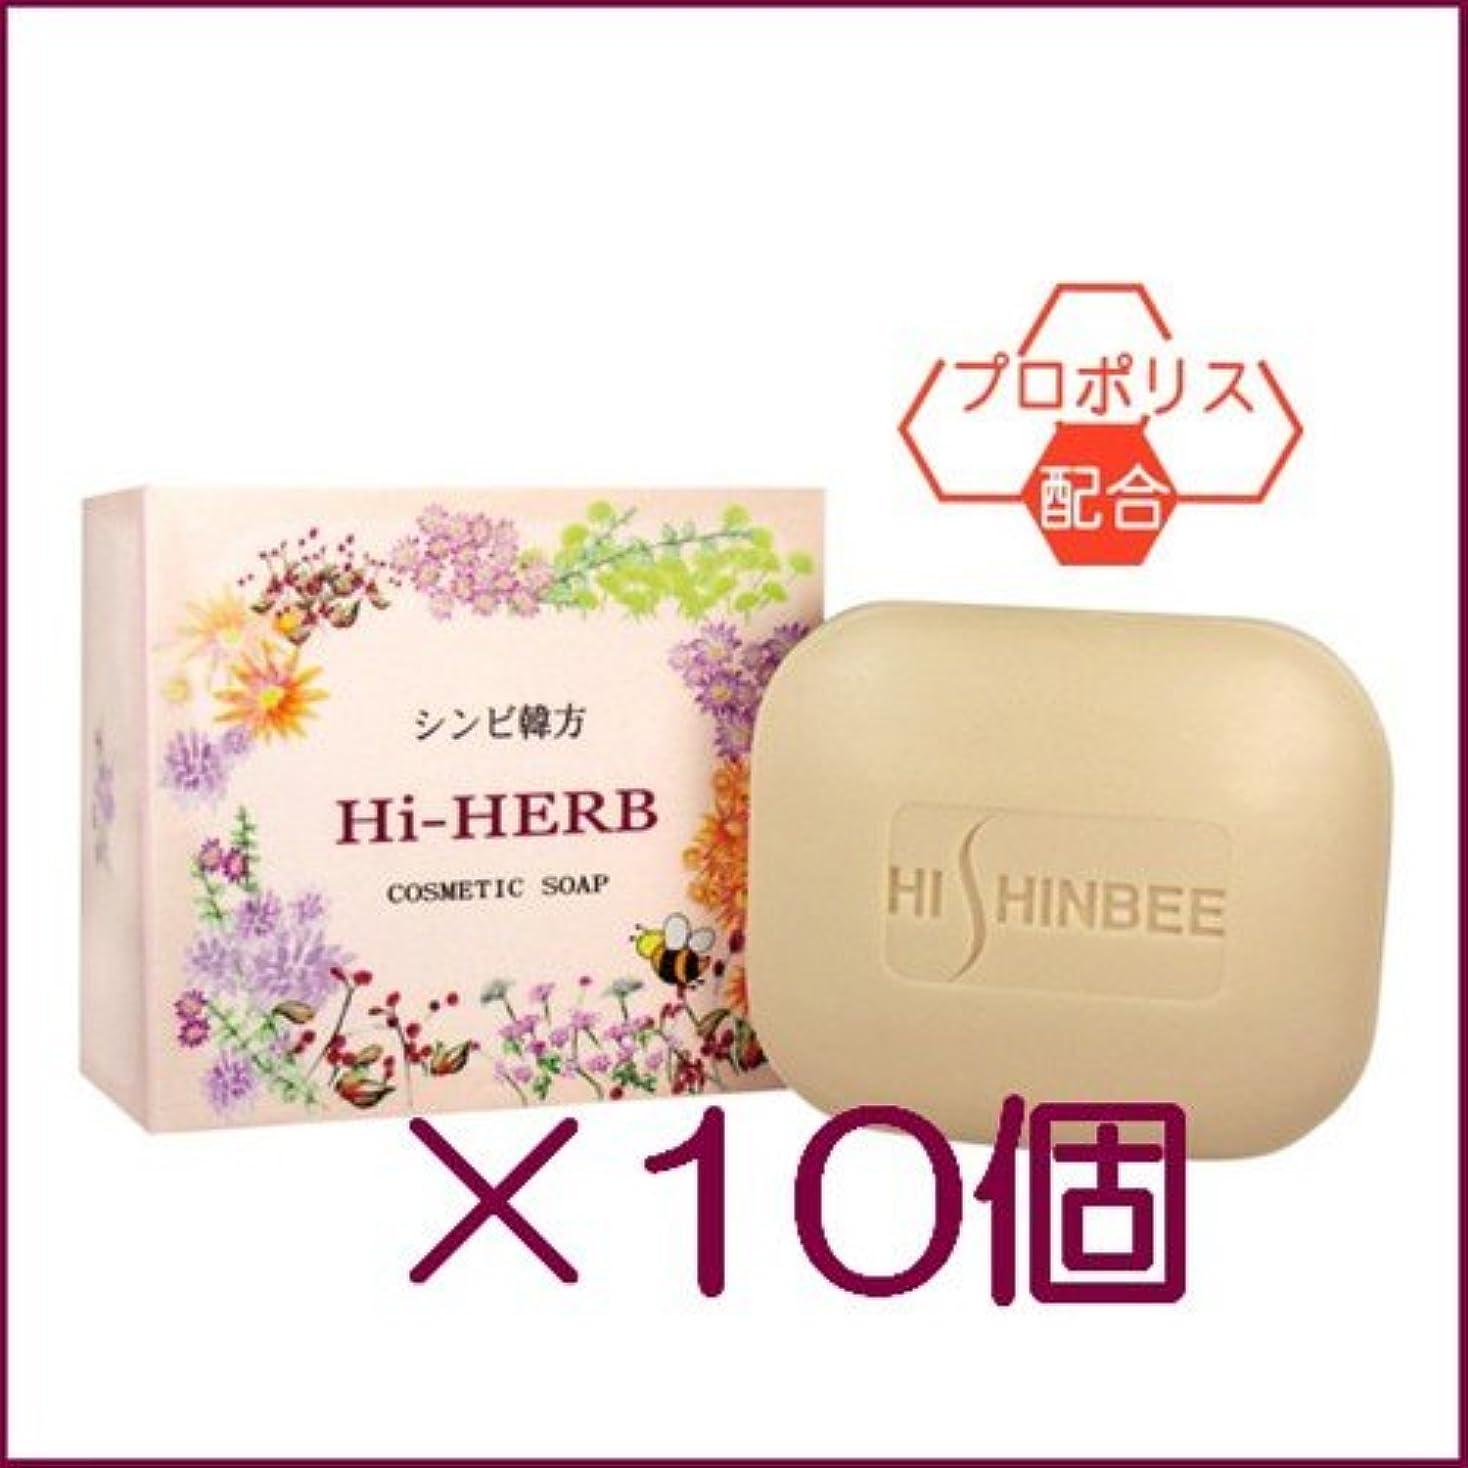 宿る裂け目指導するシンビ 韓方ハイハーブ石鹸 100g ×10個